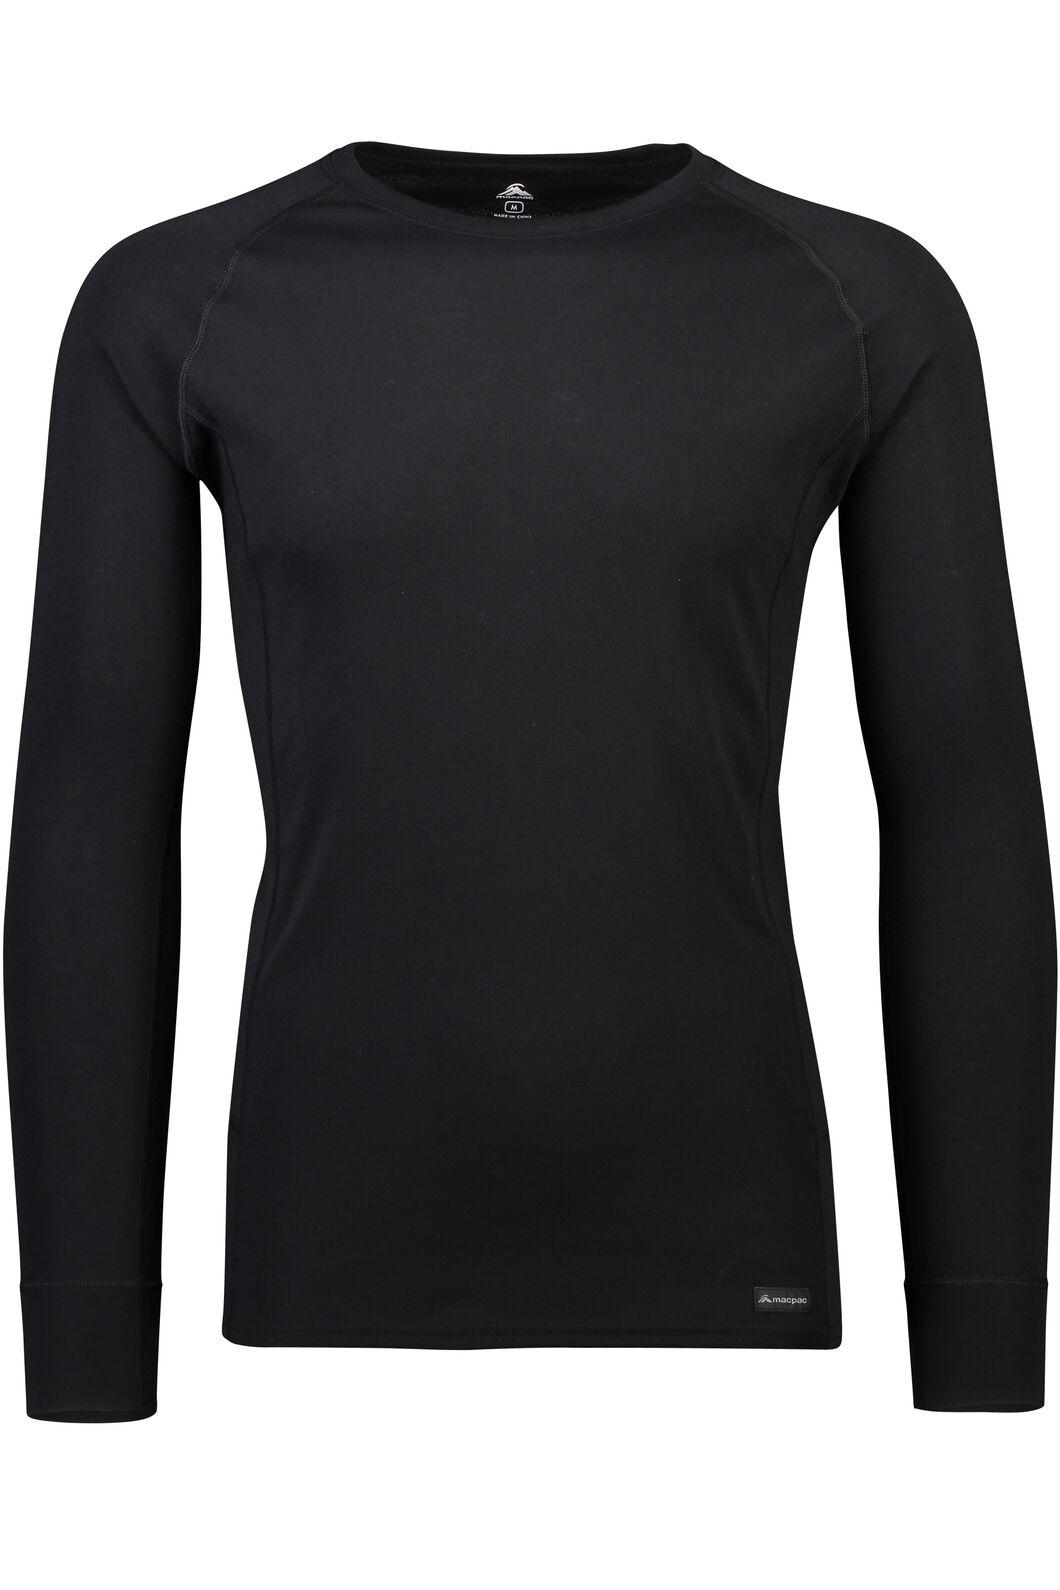 Macpac Geothermal Long Sleeve Top — Men's, Black, hi-res